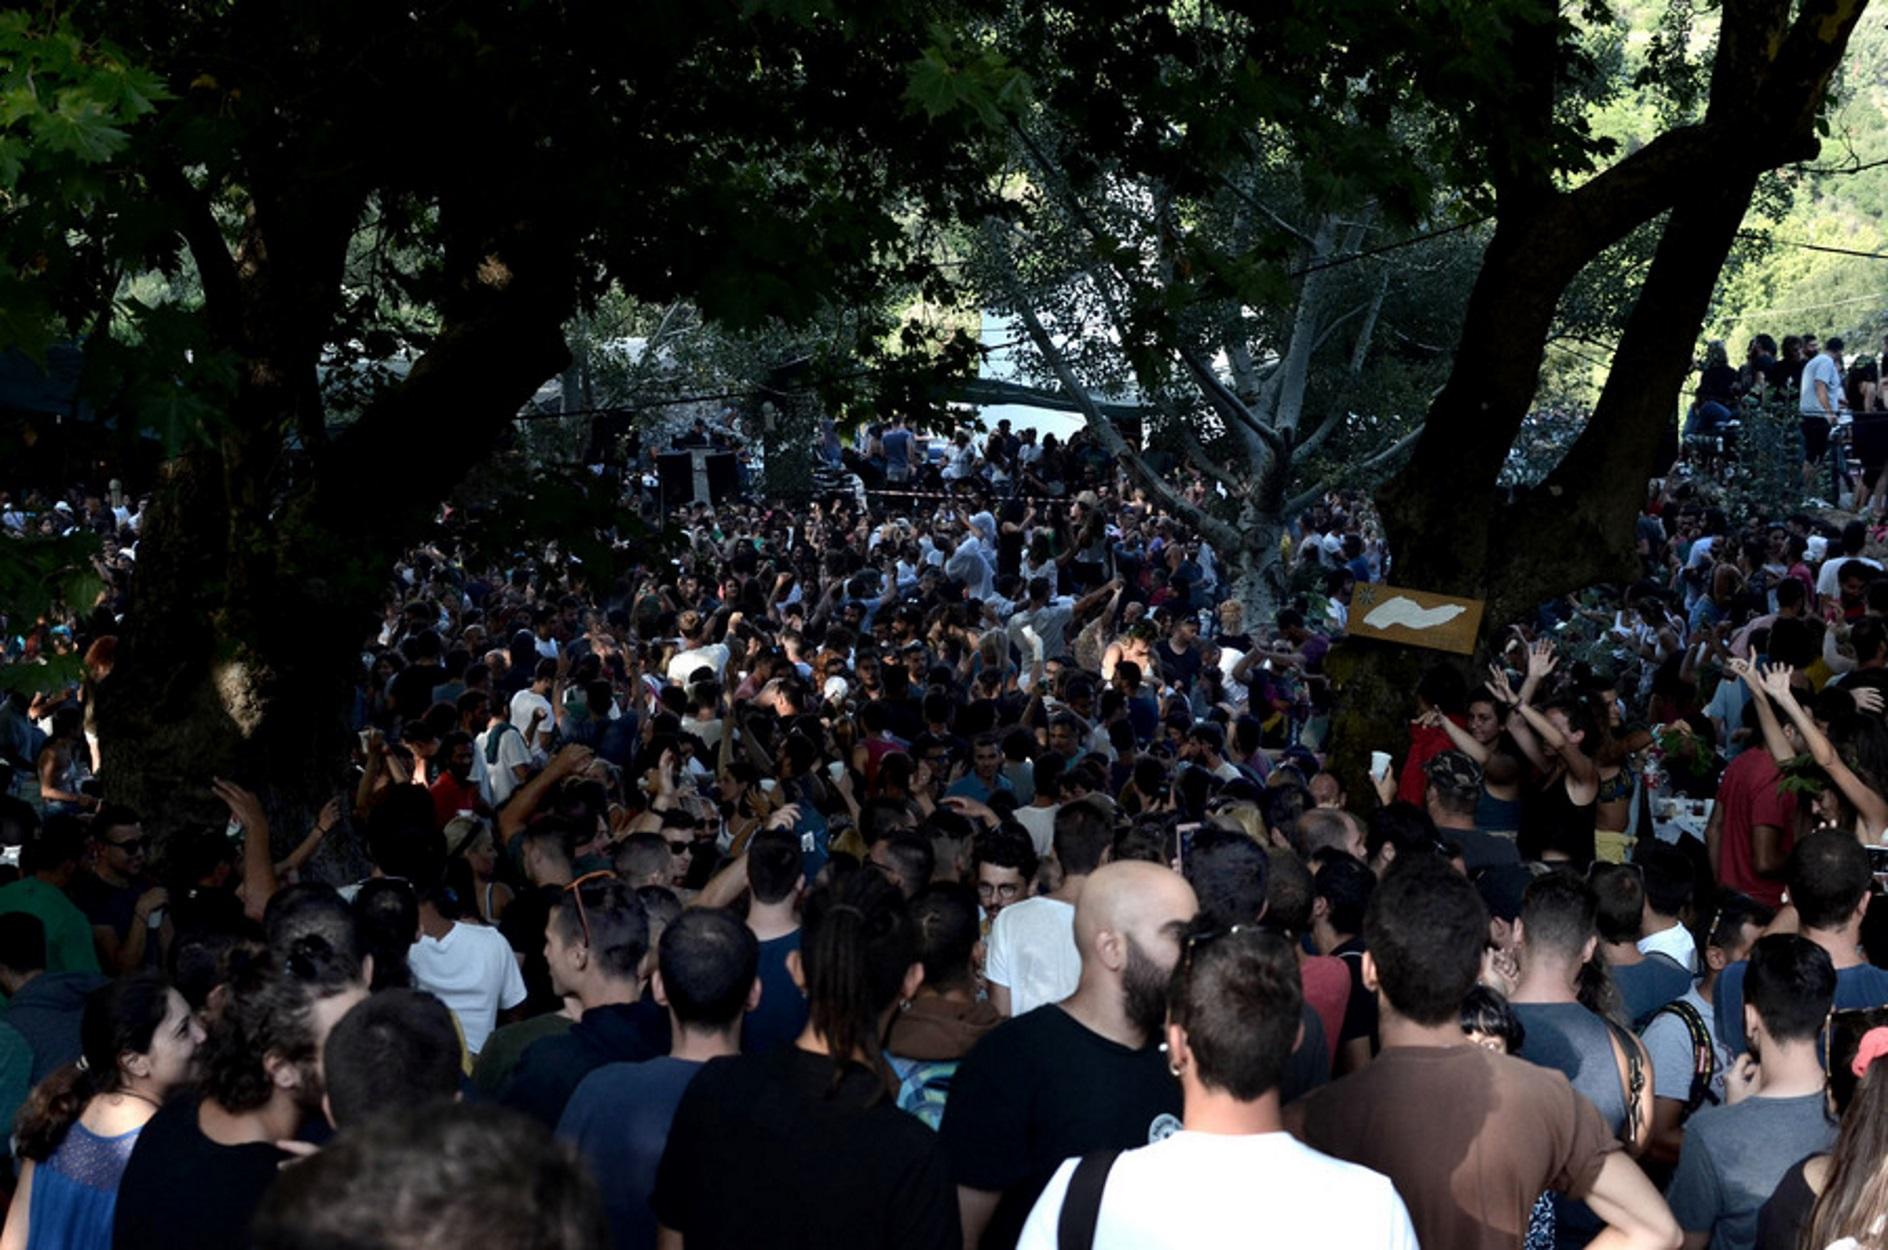 """Πανηγύρια: """"Αποστάσεις ή γλέντια τέλος"""" προειδοποιεί η κυβέρνηση"""